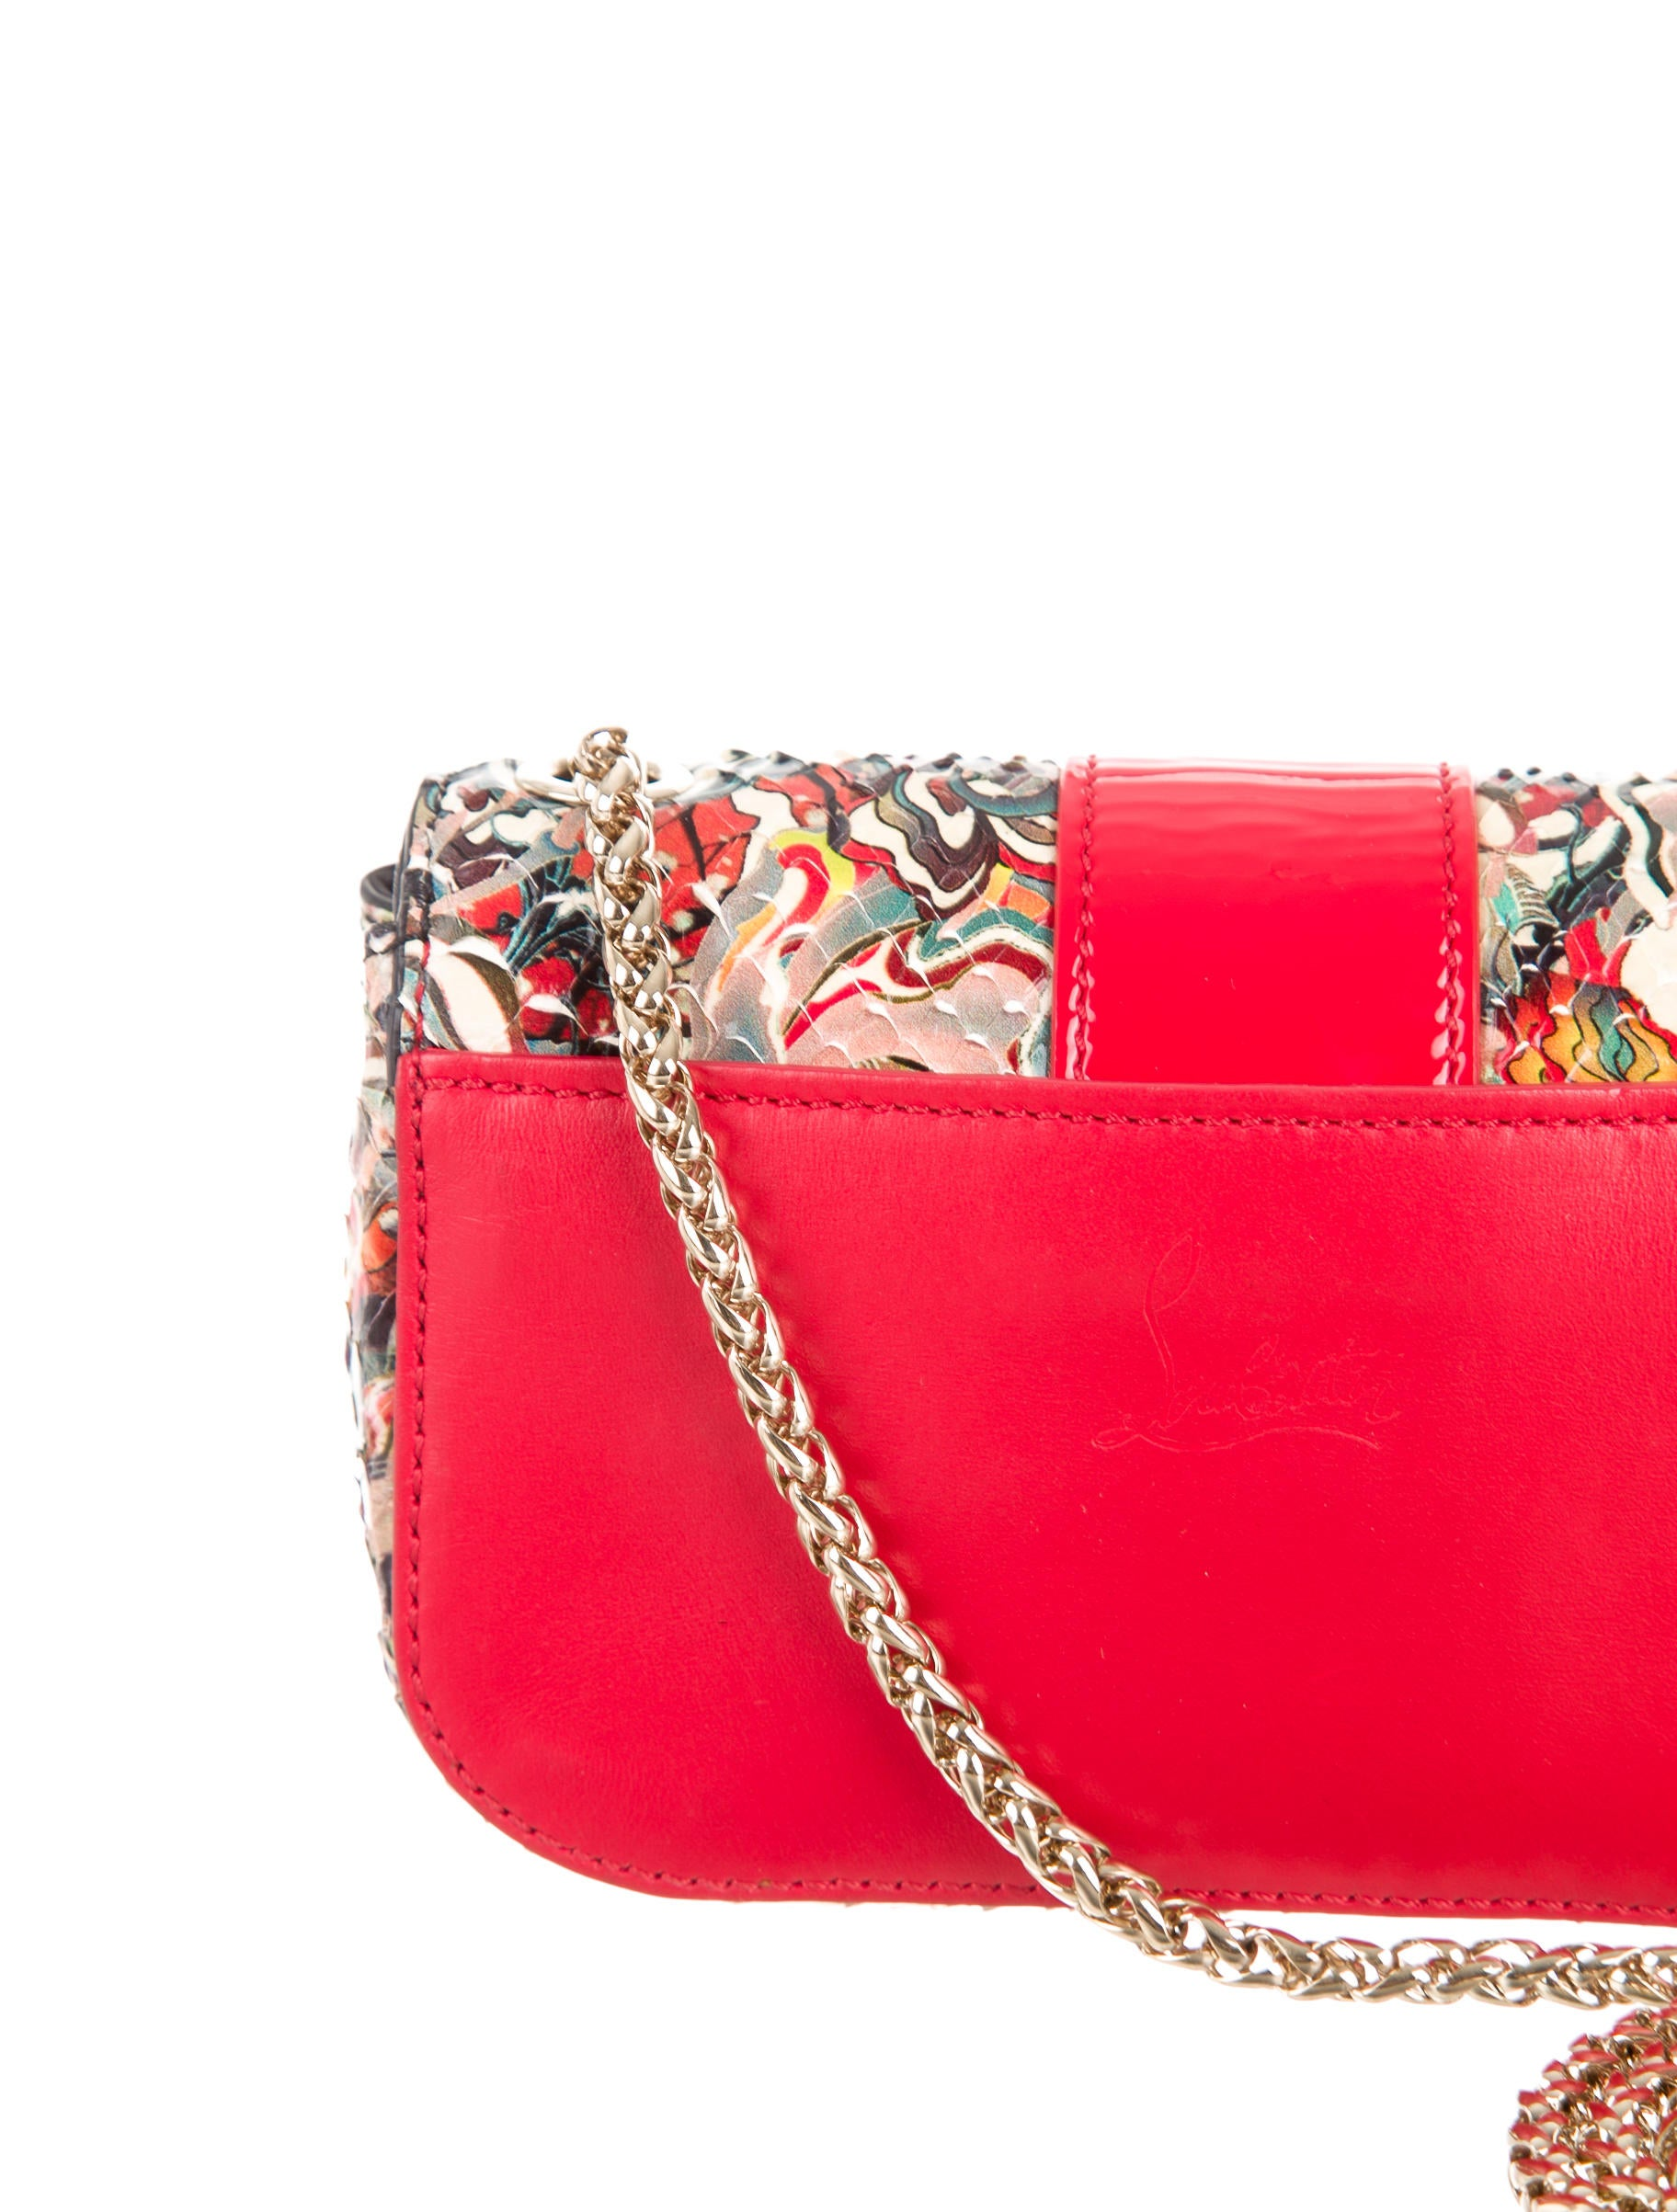 Designer Handbags For Charity